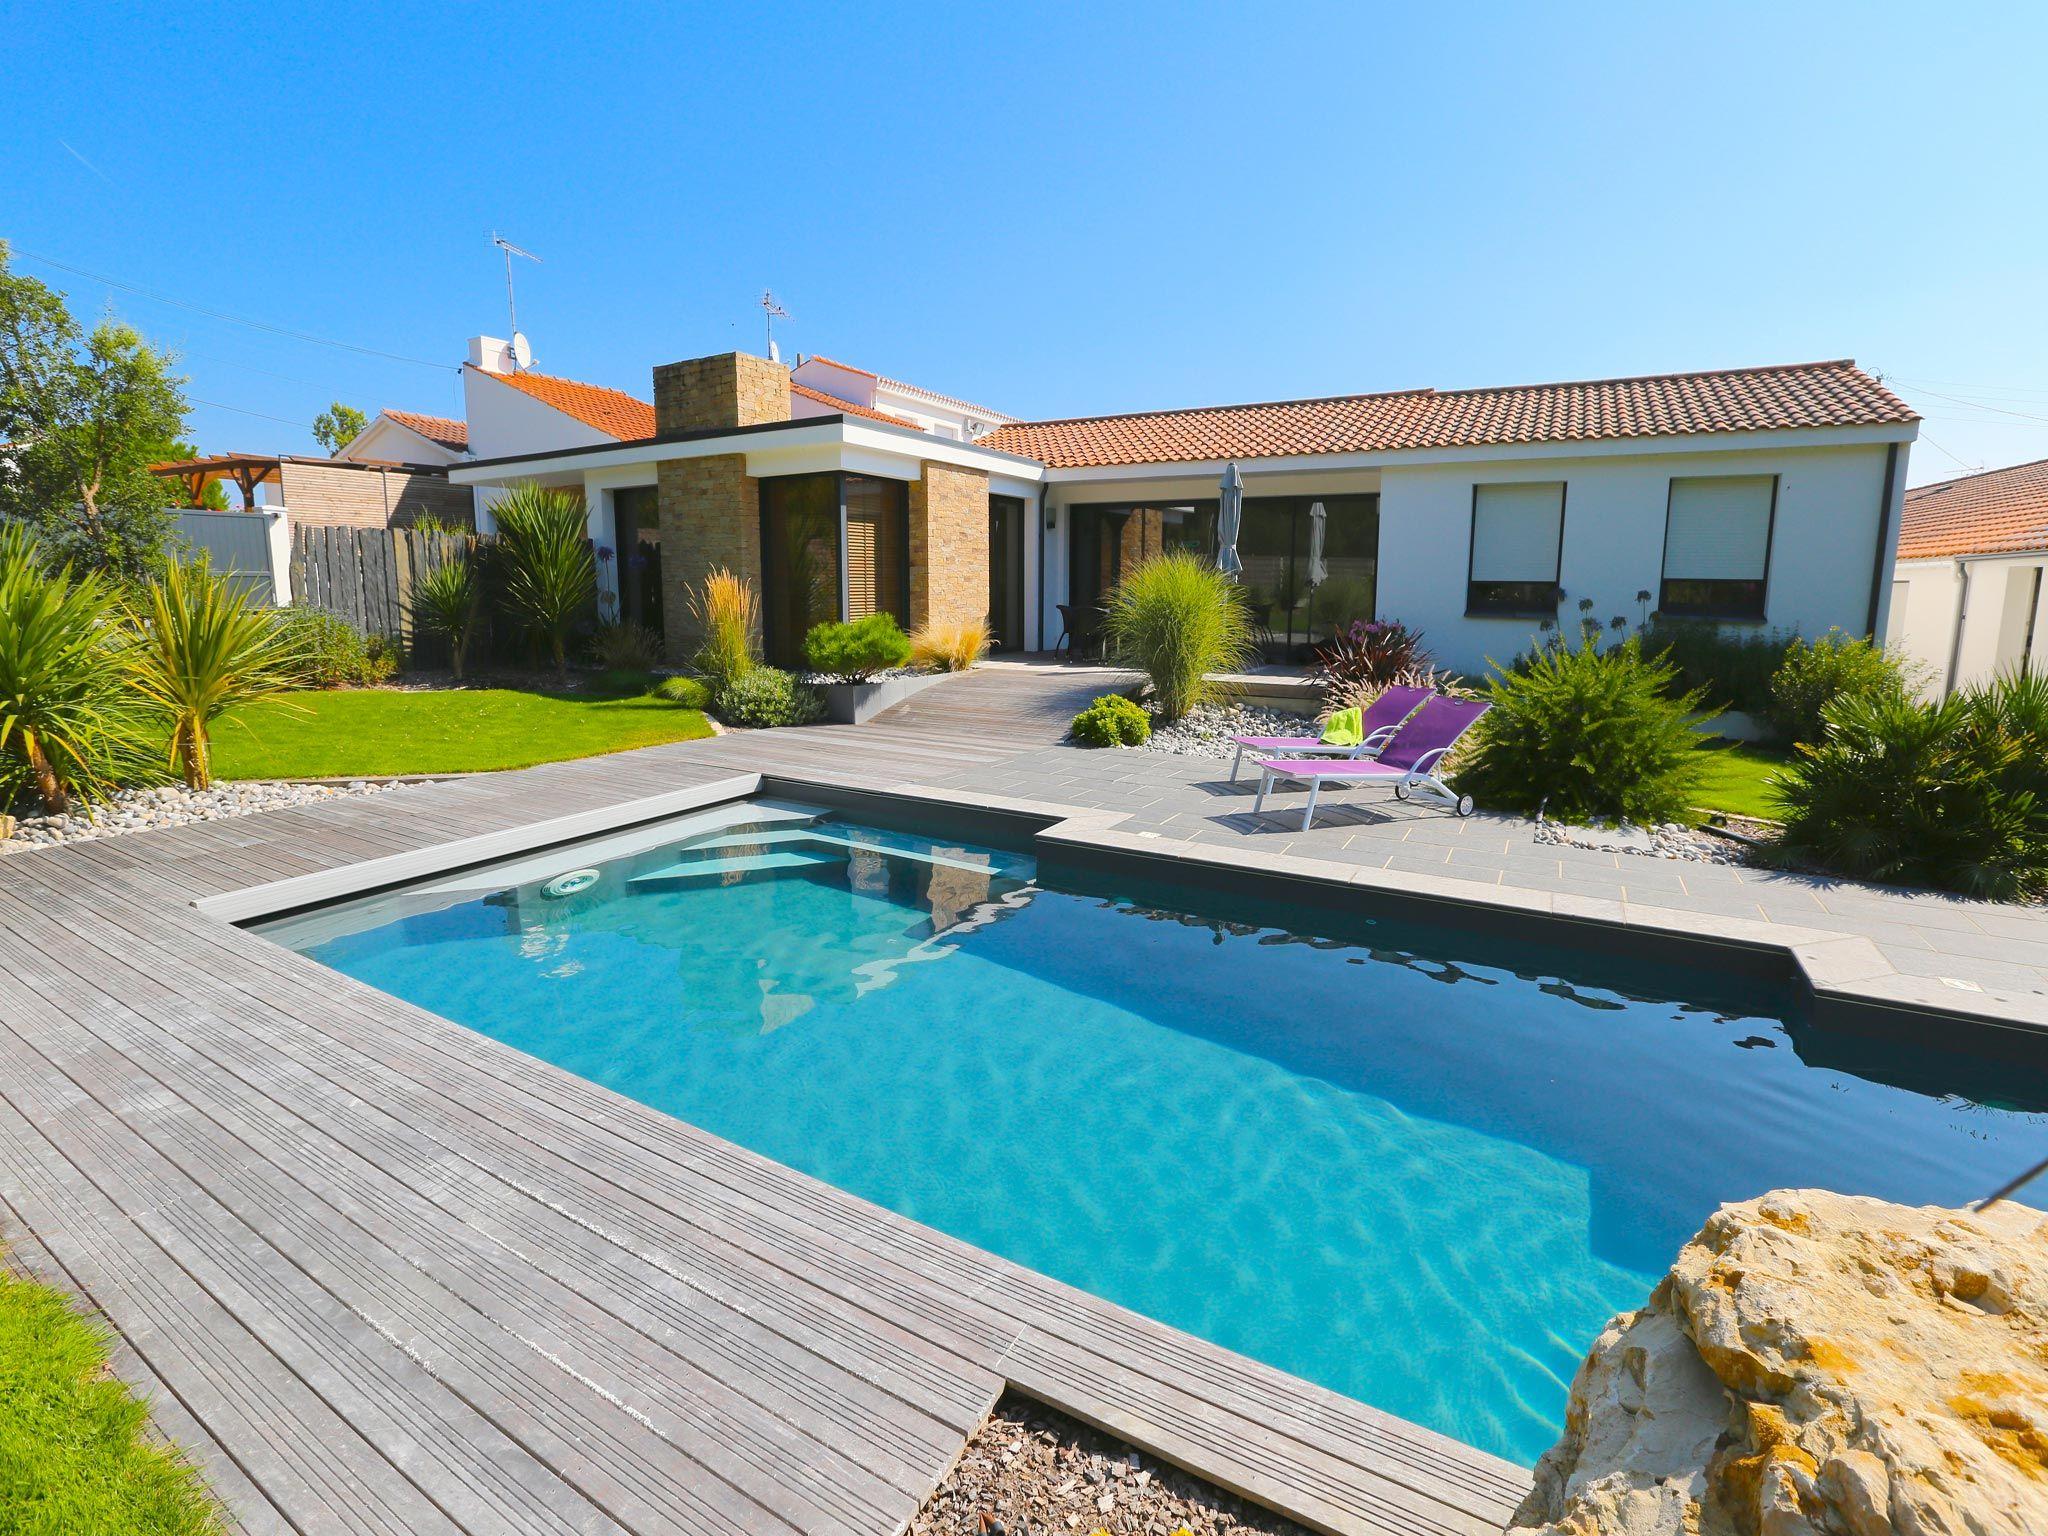 La piscine paysagée par l\'esprit piscine - 8 x 3,5 m Revêtement gris ...